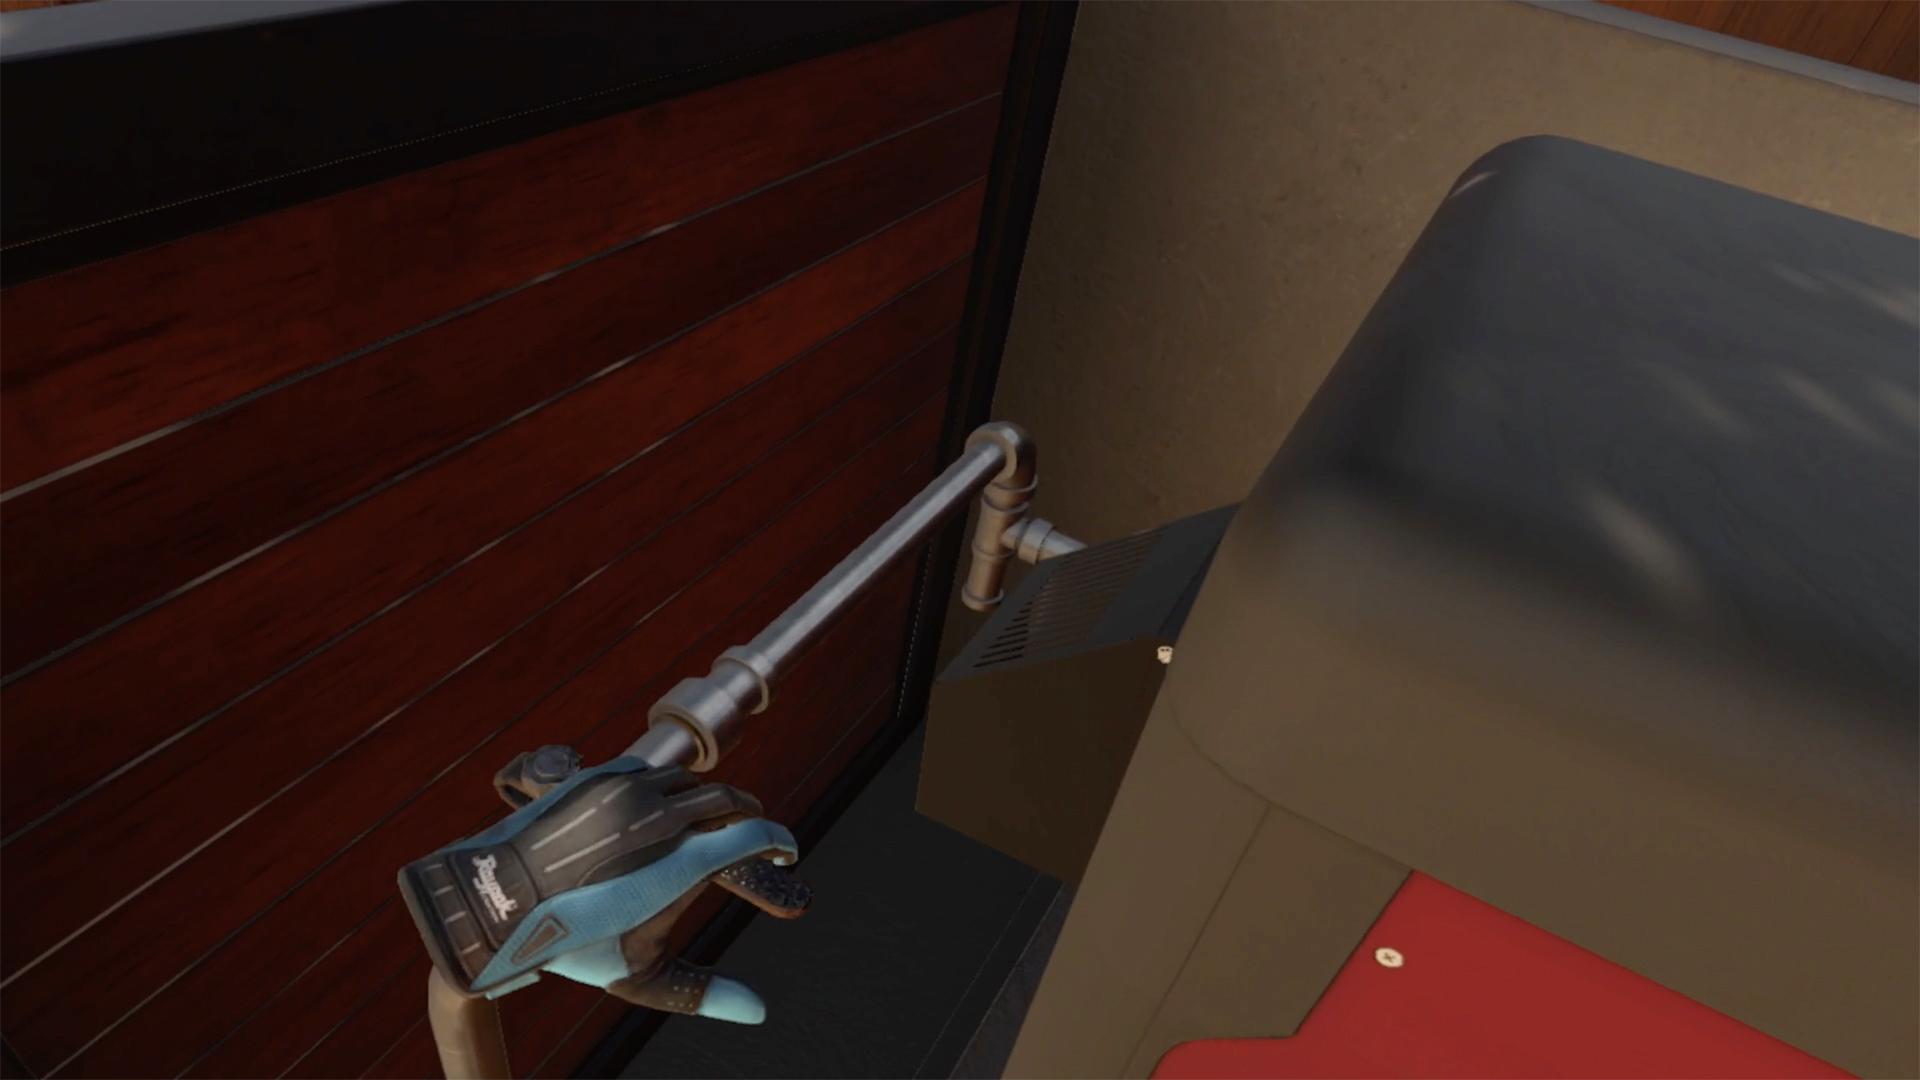 VR Safety